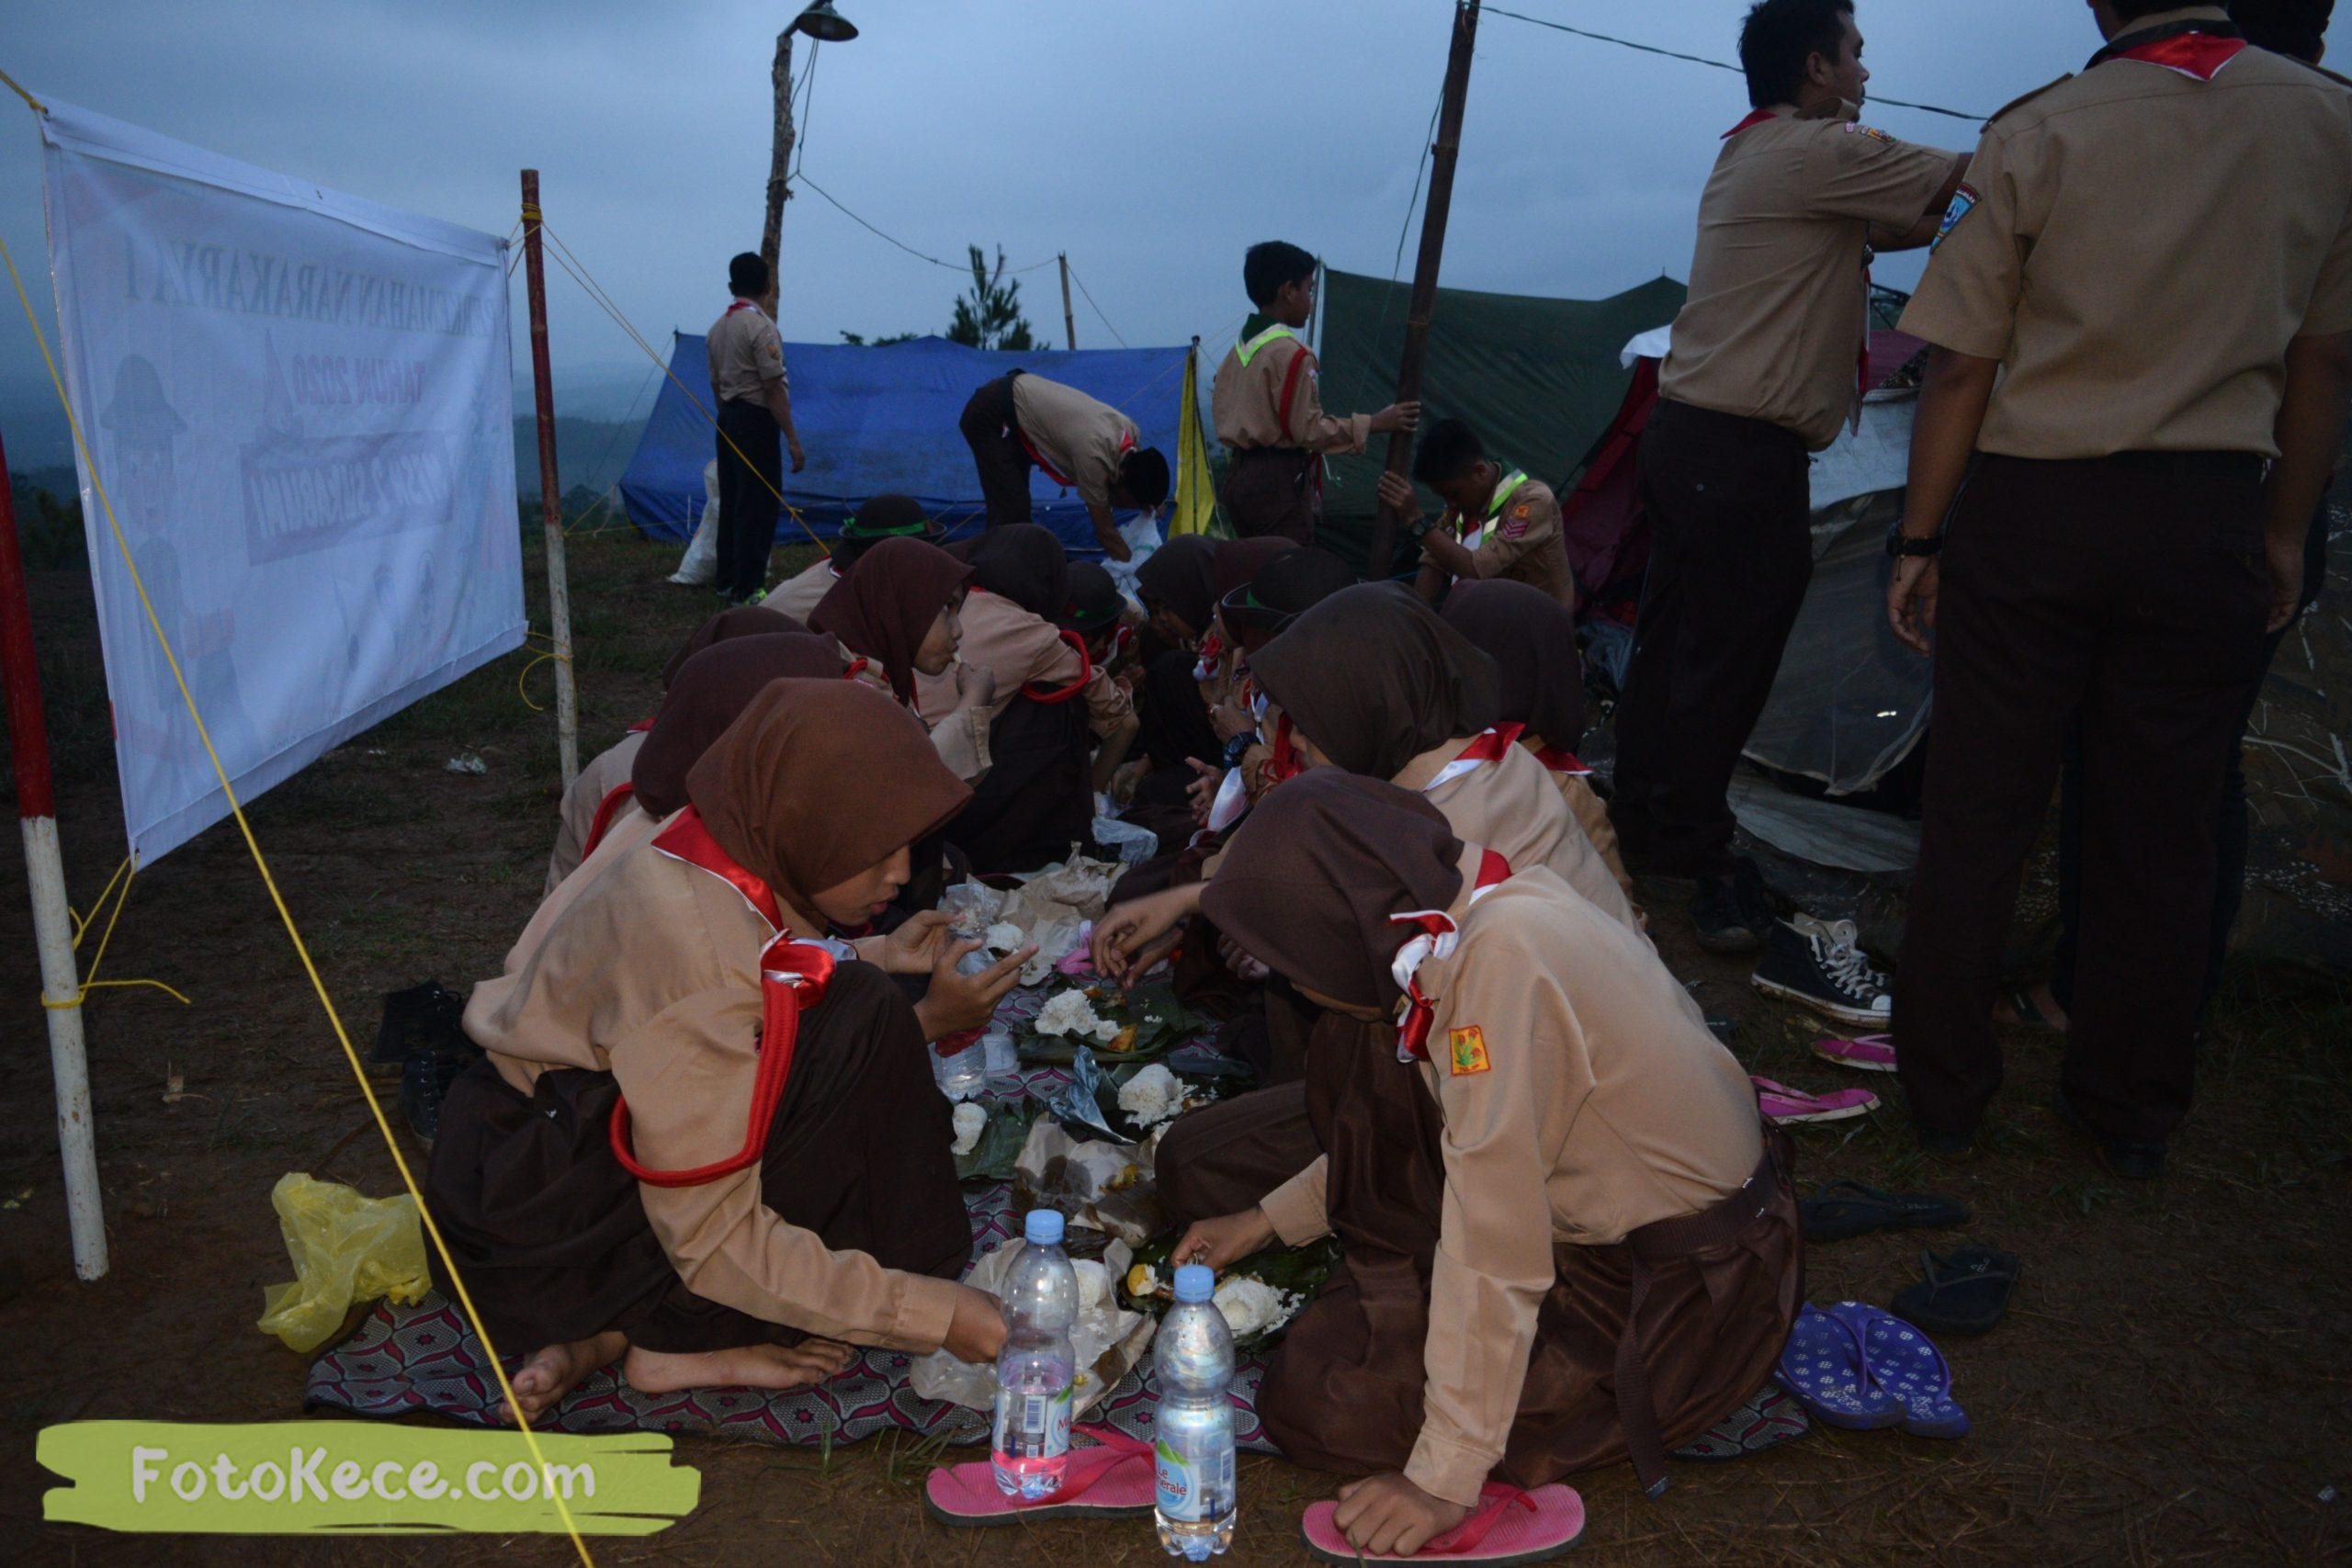 kegiatan sore malam perkemahan narakarya 1 mtsn 2 sukabumi 24 25 januari 2020 pramuka hebat puncak buluh foto kece 40 scaled